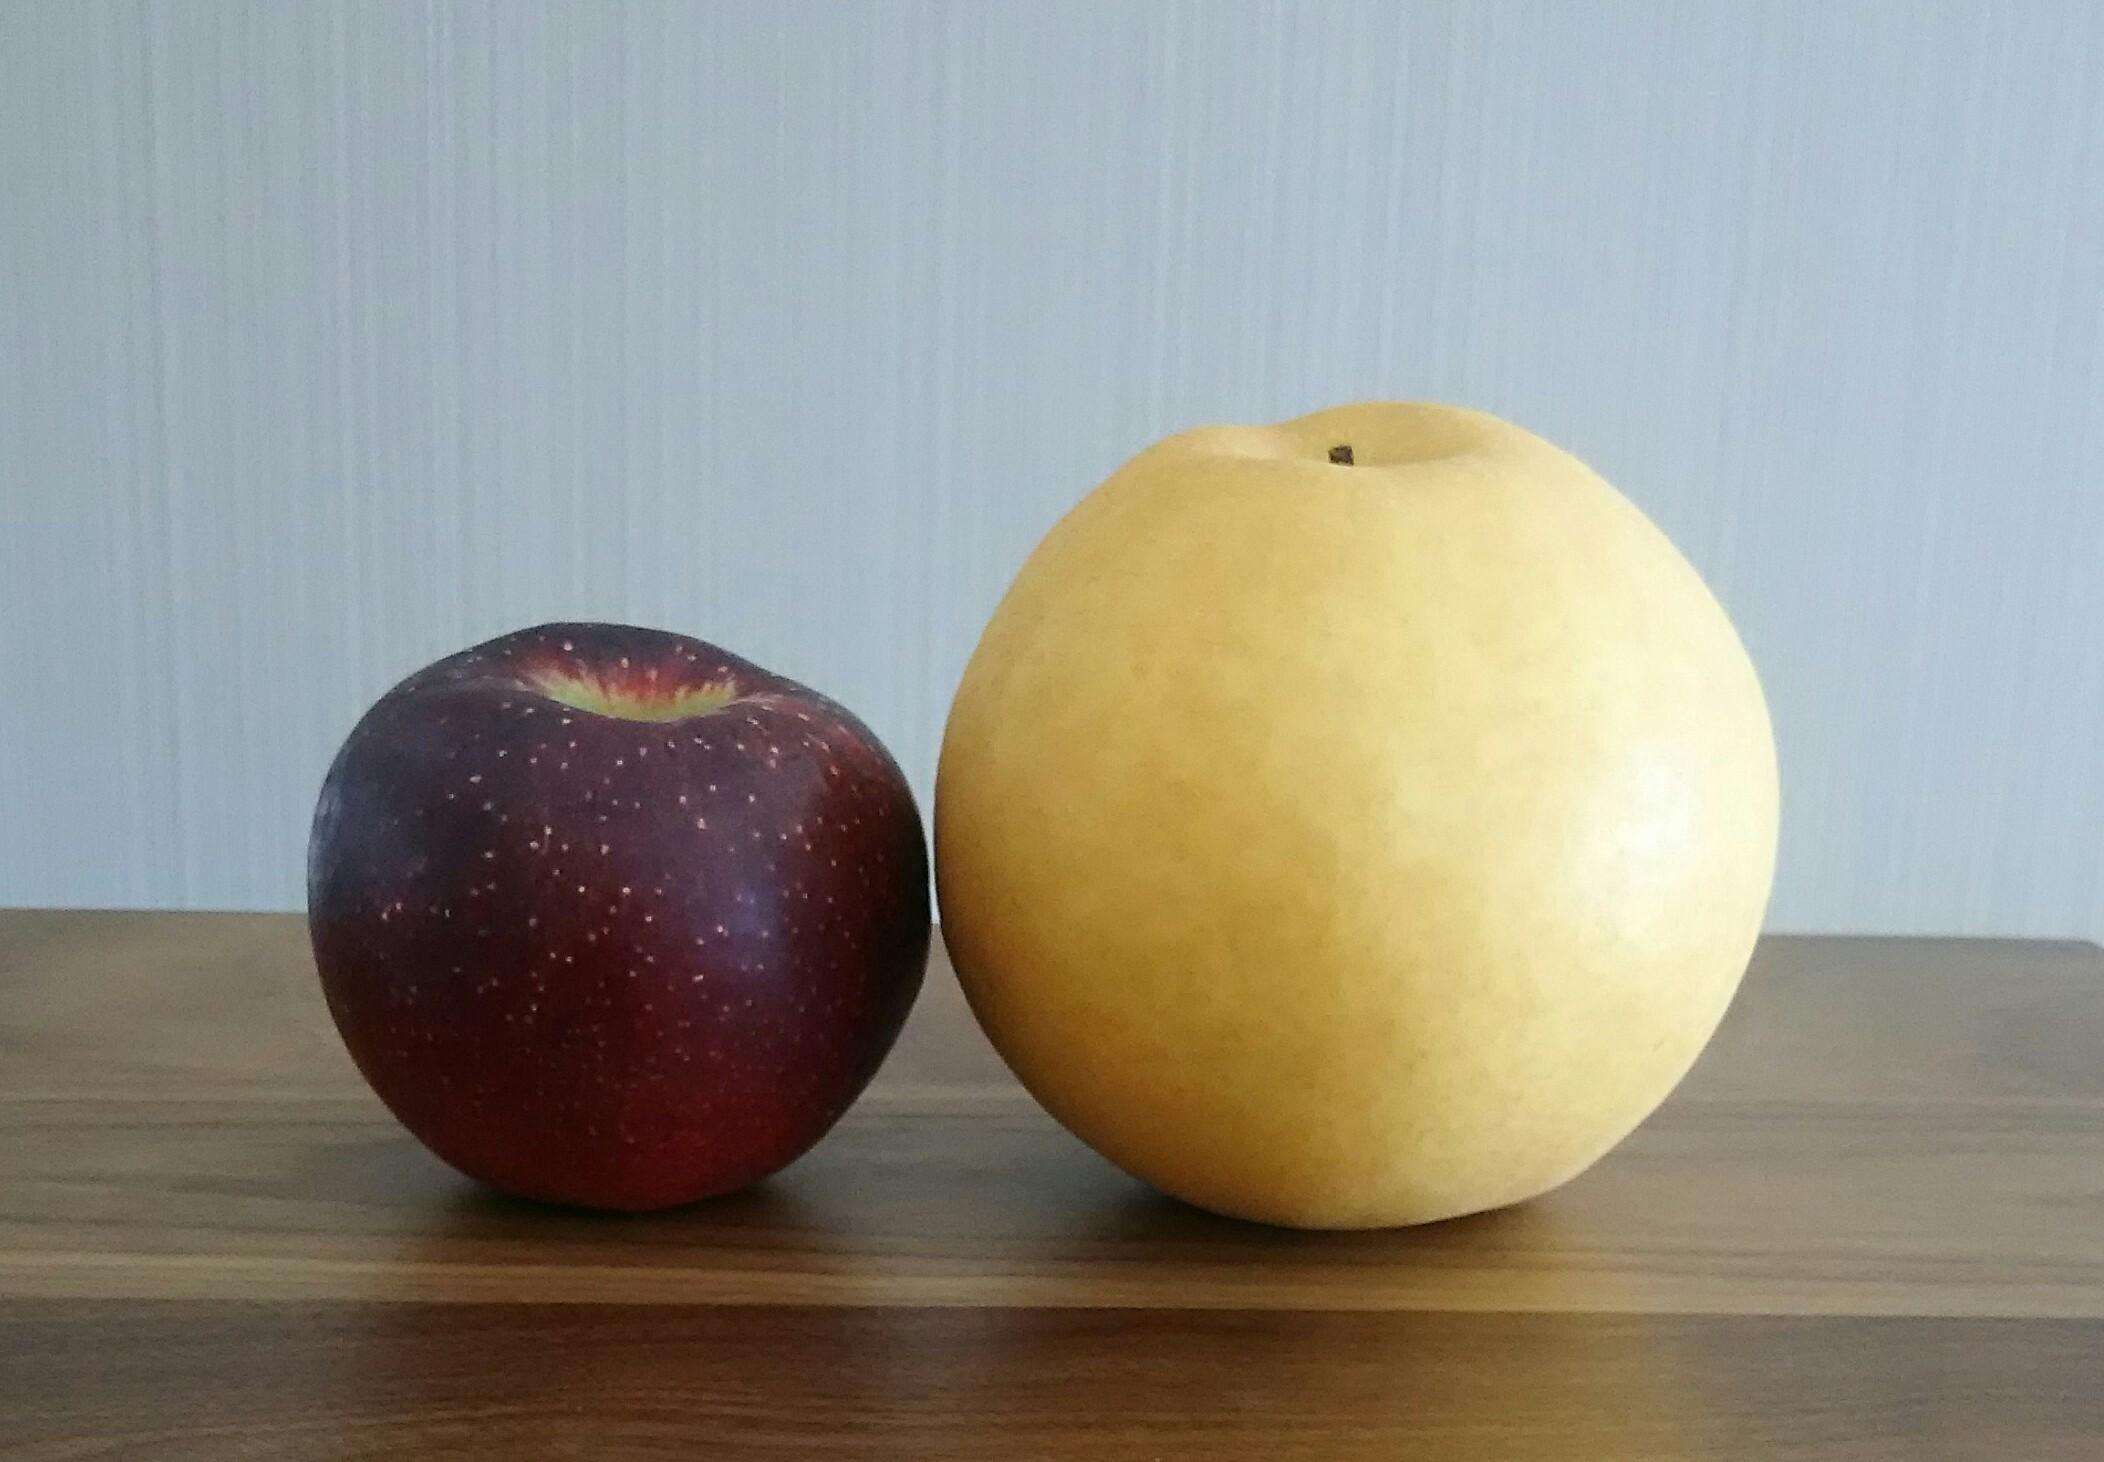 大分市 みつか漢方養生堂 秋の乾燥空咳対策 りんご 梨